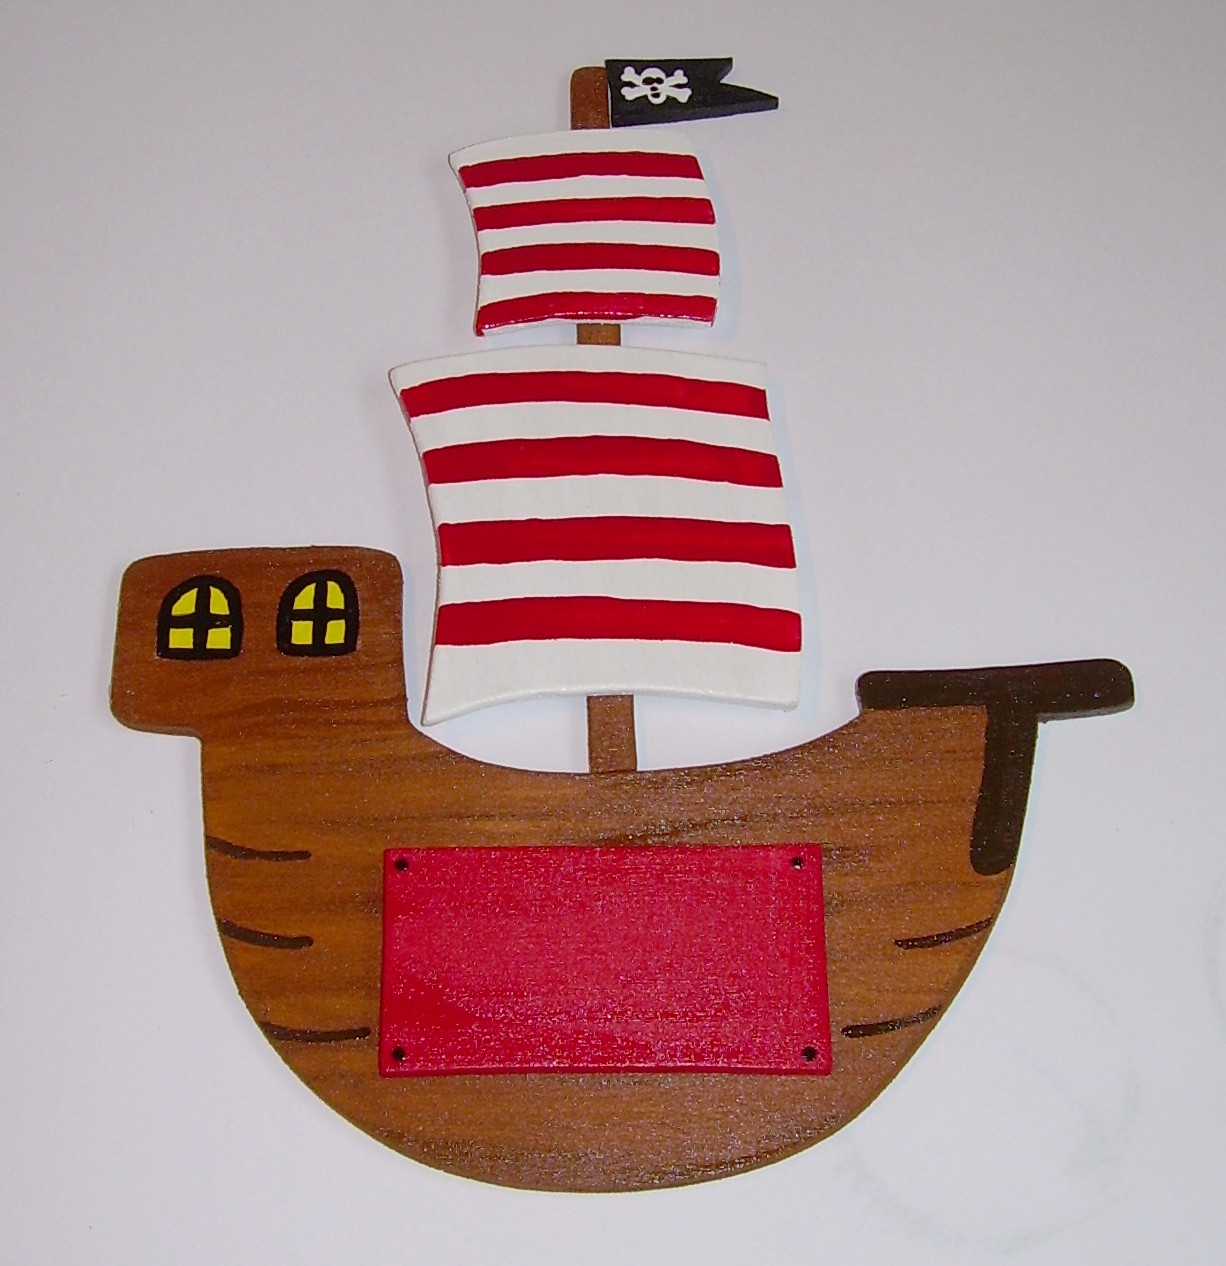 T Rschild Piratenschiff Originelle Deko Geschenke